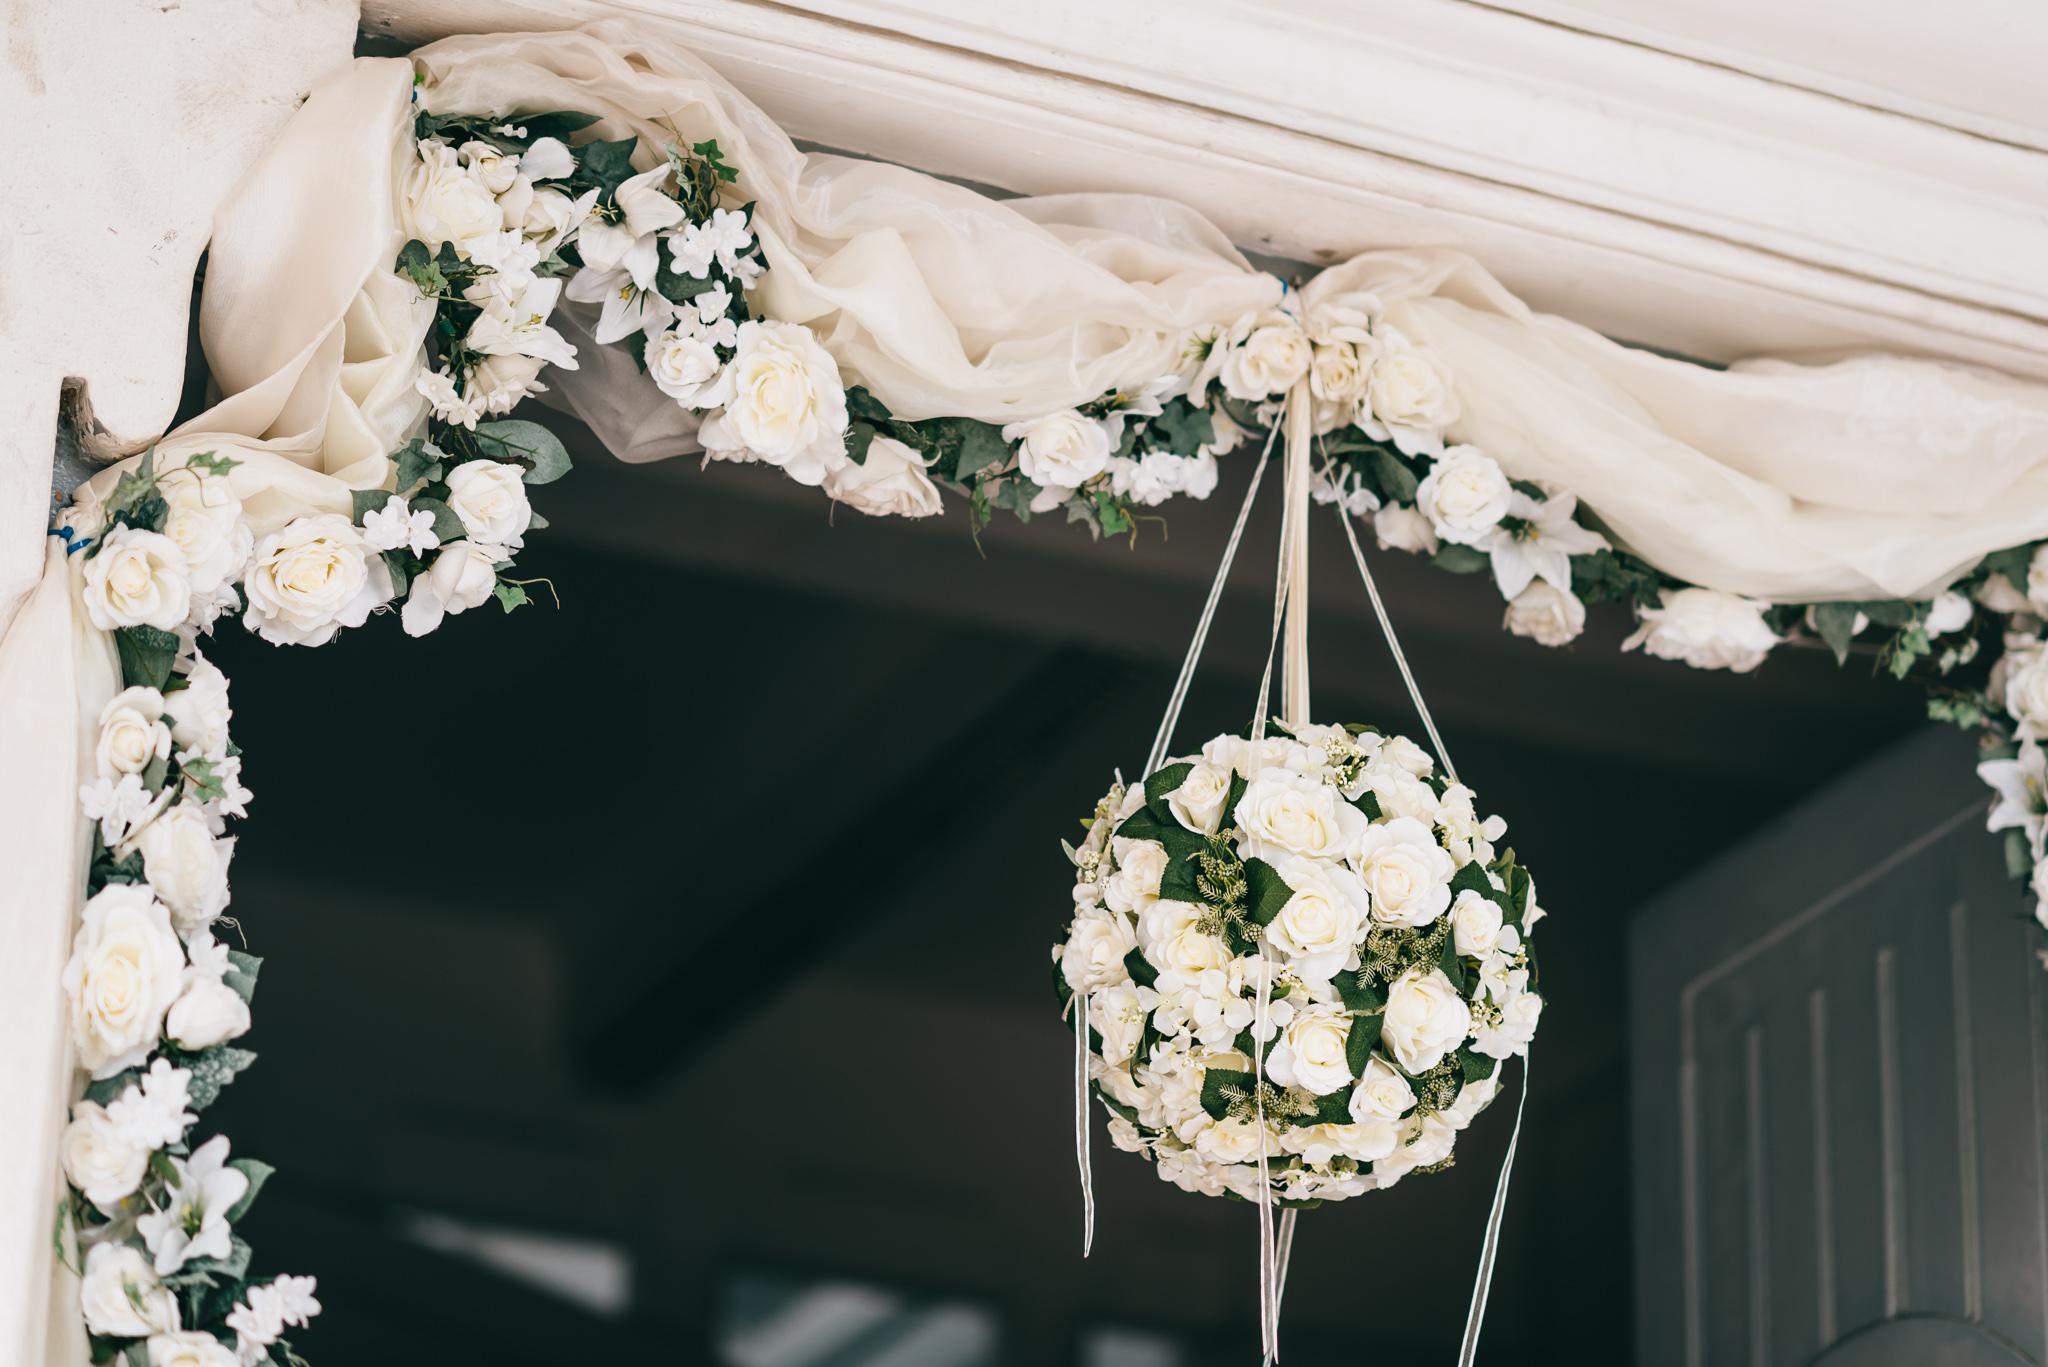 Lionel & Karen Wedding Day Highlights (resized for sharing) - 009.jpg